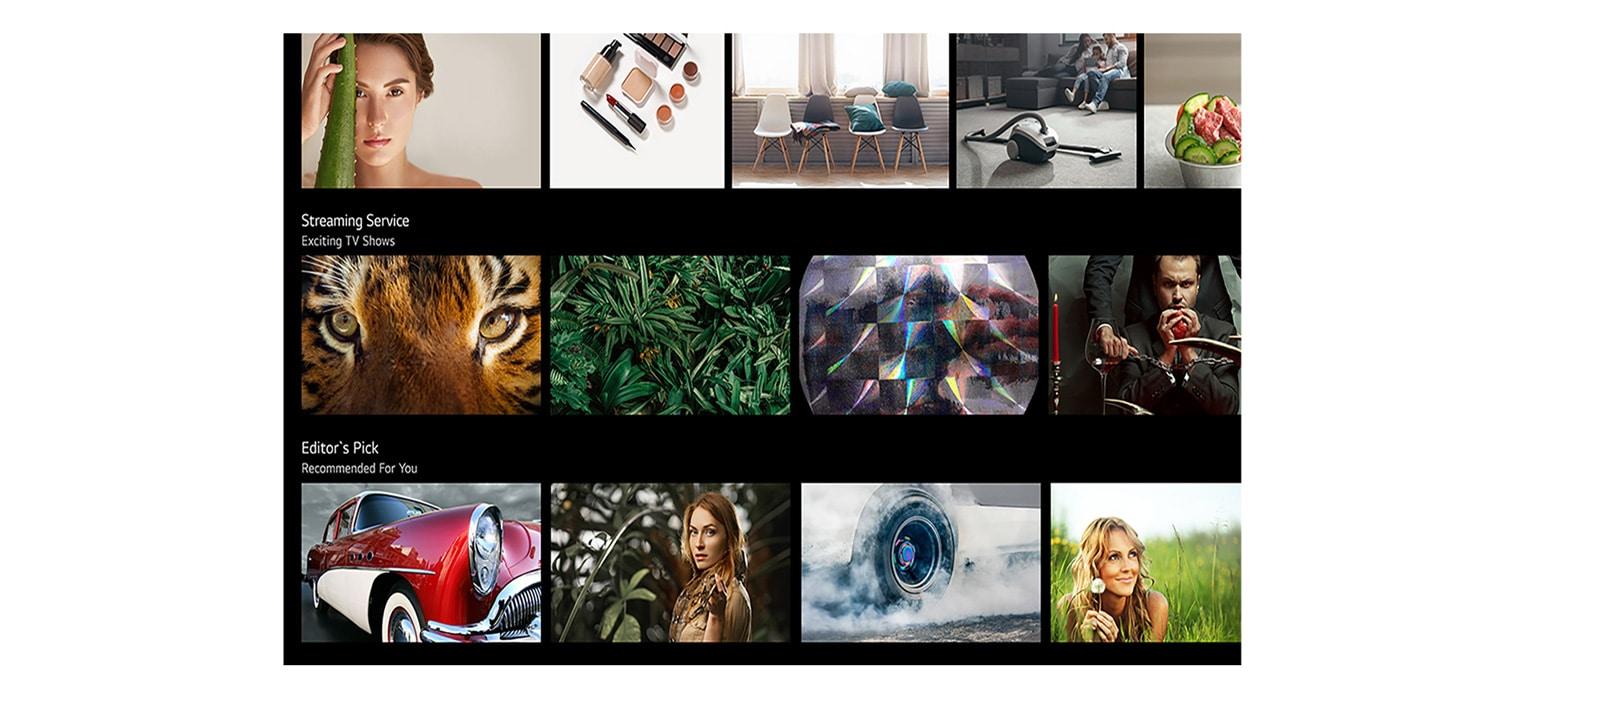 Sullo schermo del televisore vengono visualizzati vari contenuti come suggerito dall'IA di LG ThinQ.